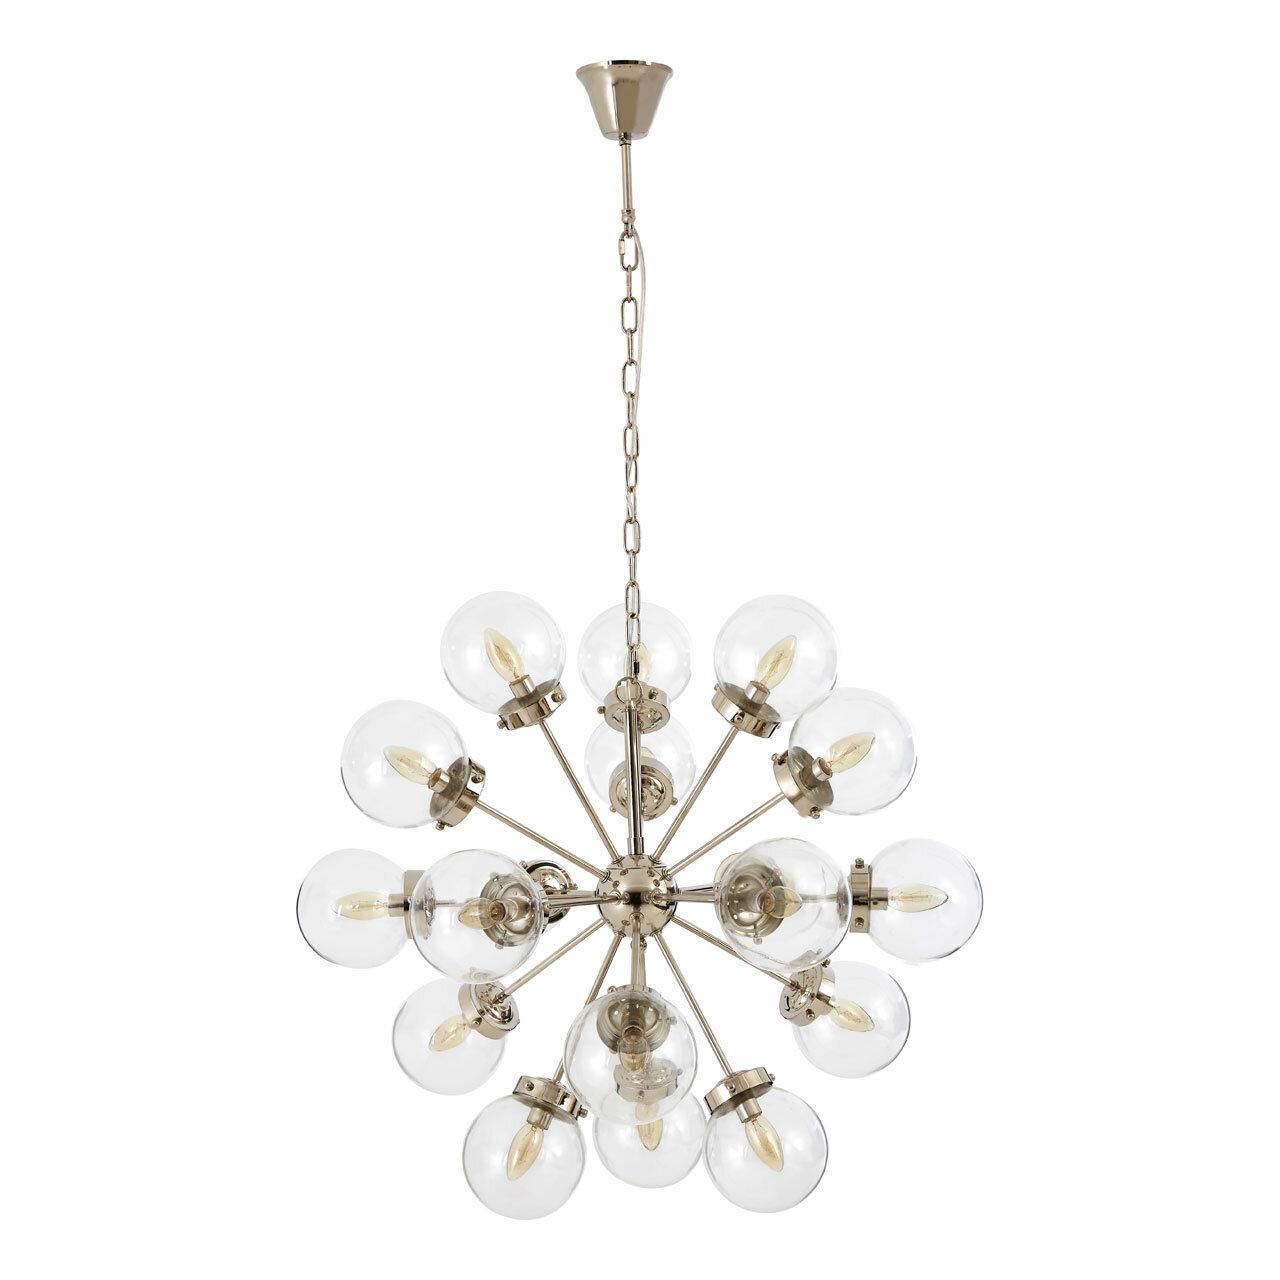 Shop Sputnik Chrome Metal 18 Light Chandelier On Sale